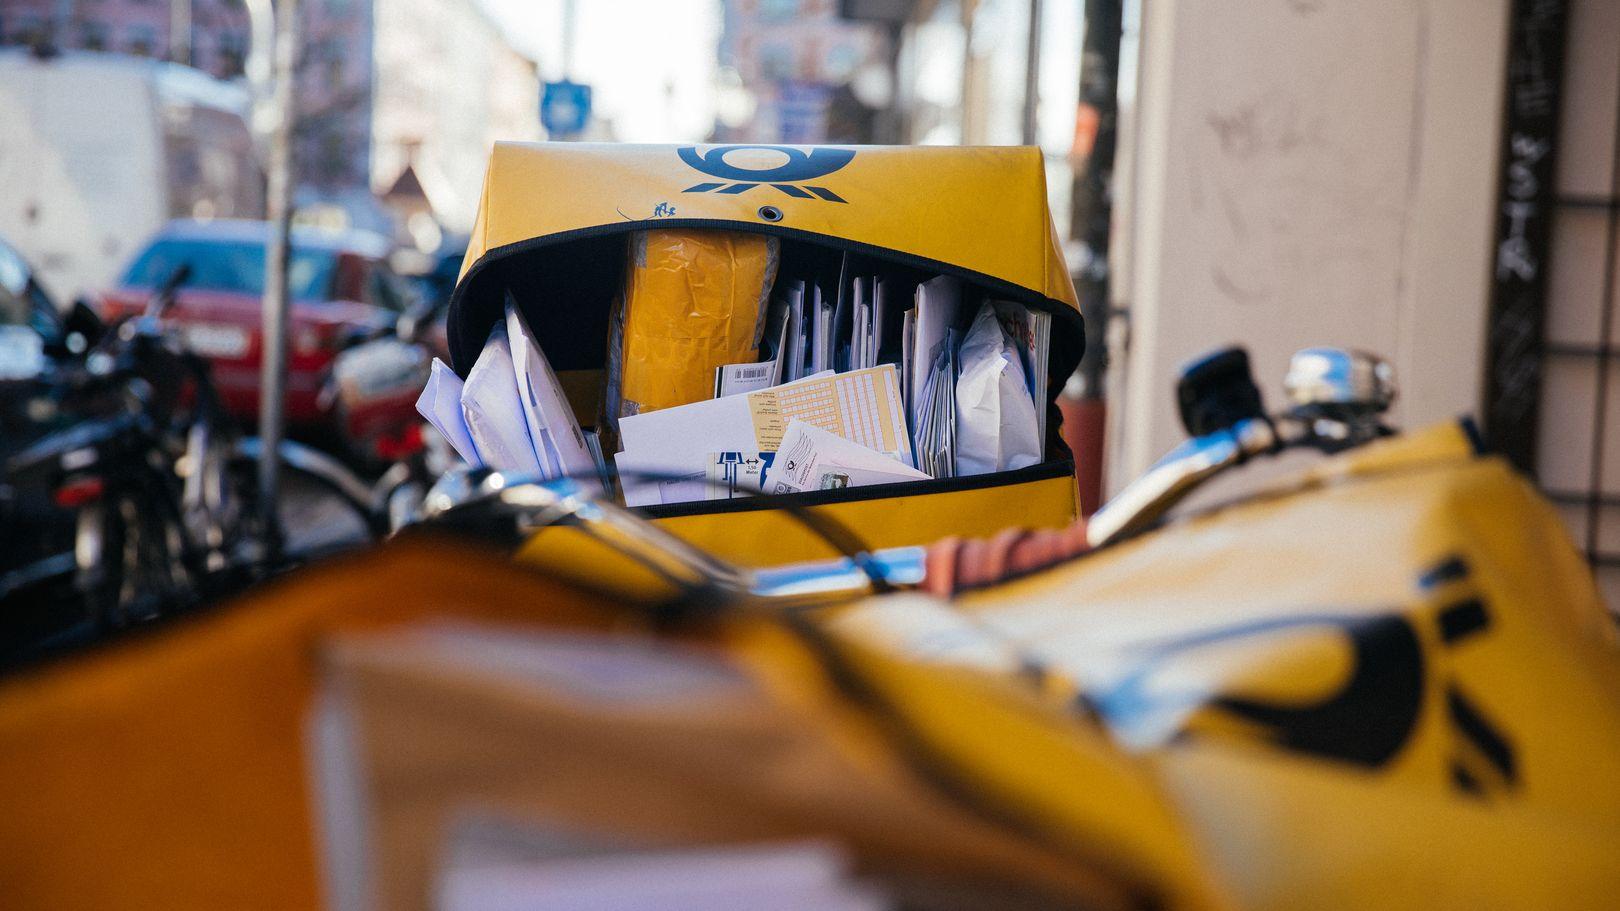 Detailansicht zweier Postfahrräder, ein Briefkorb im Vordergrund, dahinter der Korb eines zweiten Rades.